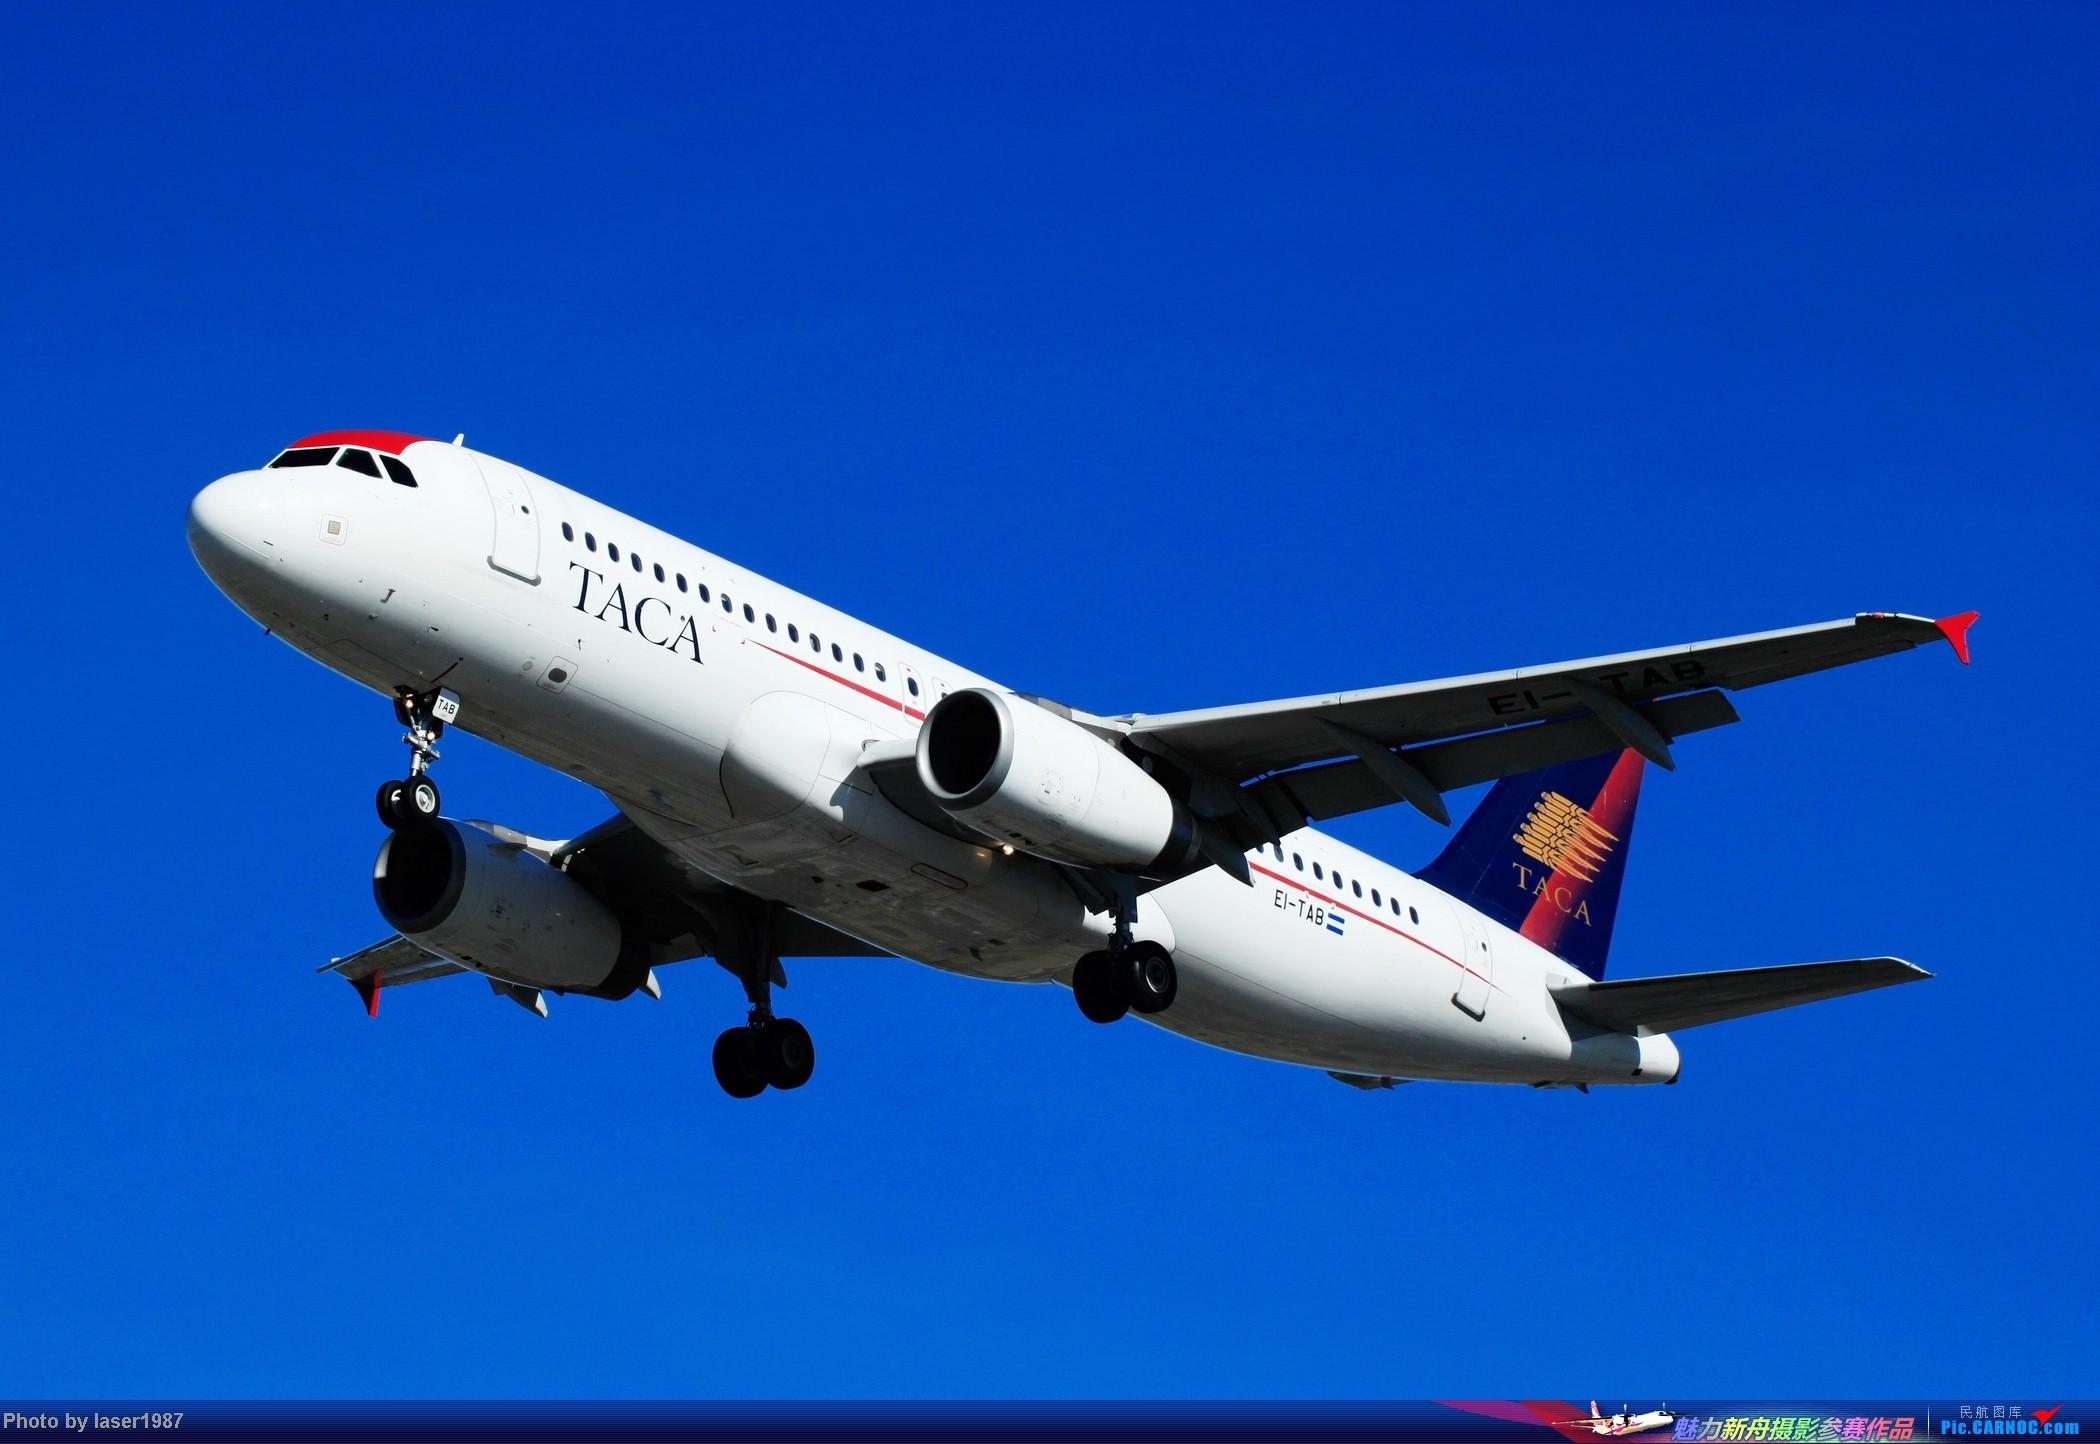 Re:[原创]2011.12.25 LAX 24R跑道东侧停车场拍飞机 AIRBUS 320-233 EI-TAB 美国洛杉矶国际机场